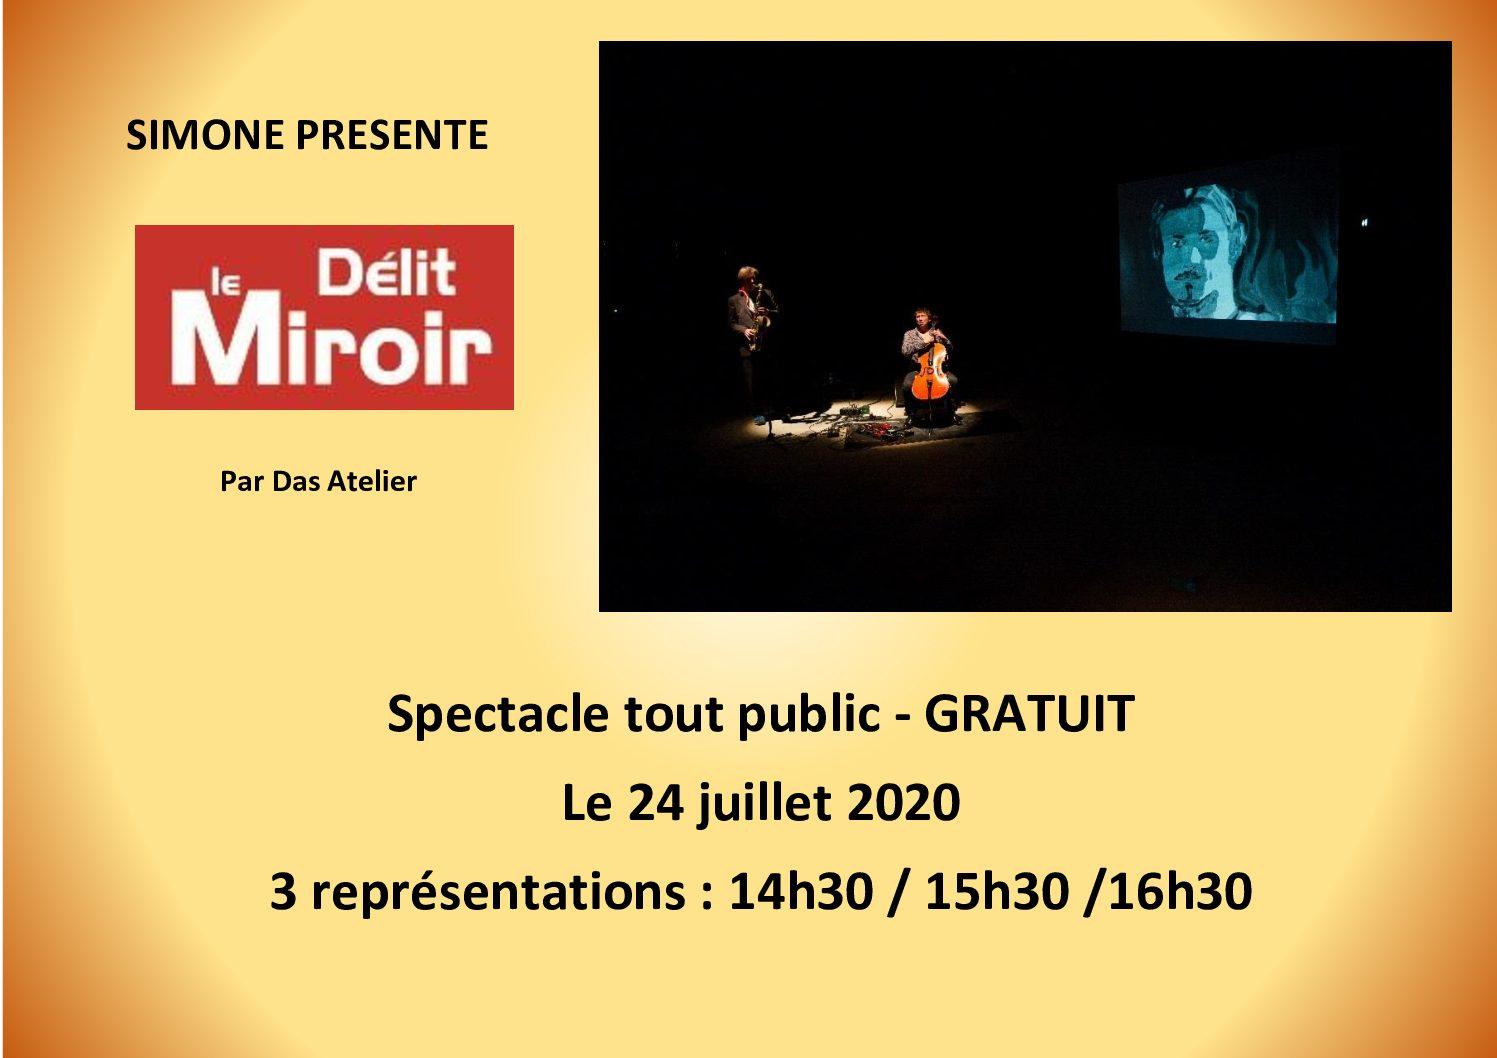 """SIMONE PRÉSENTE """"LE DÉLIT MIROIR""""  SPECTACLE GRATUIT LE 24 JUILLET 2020"""